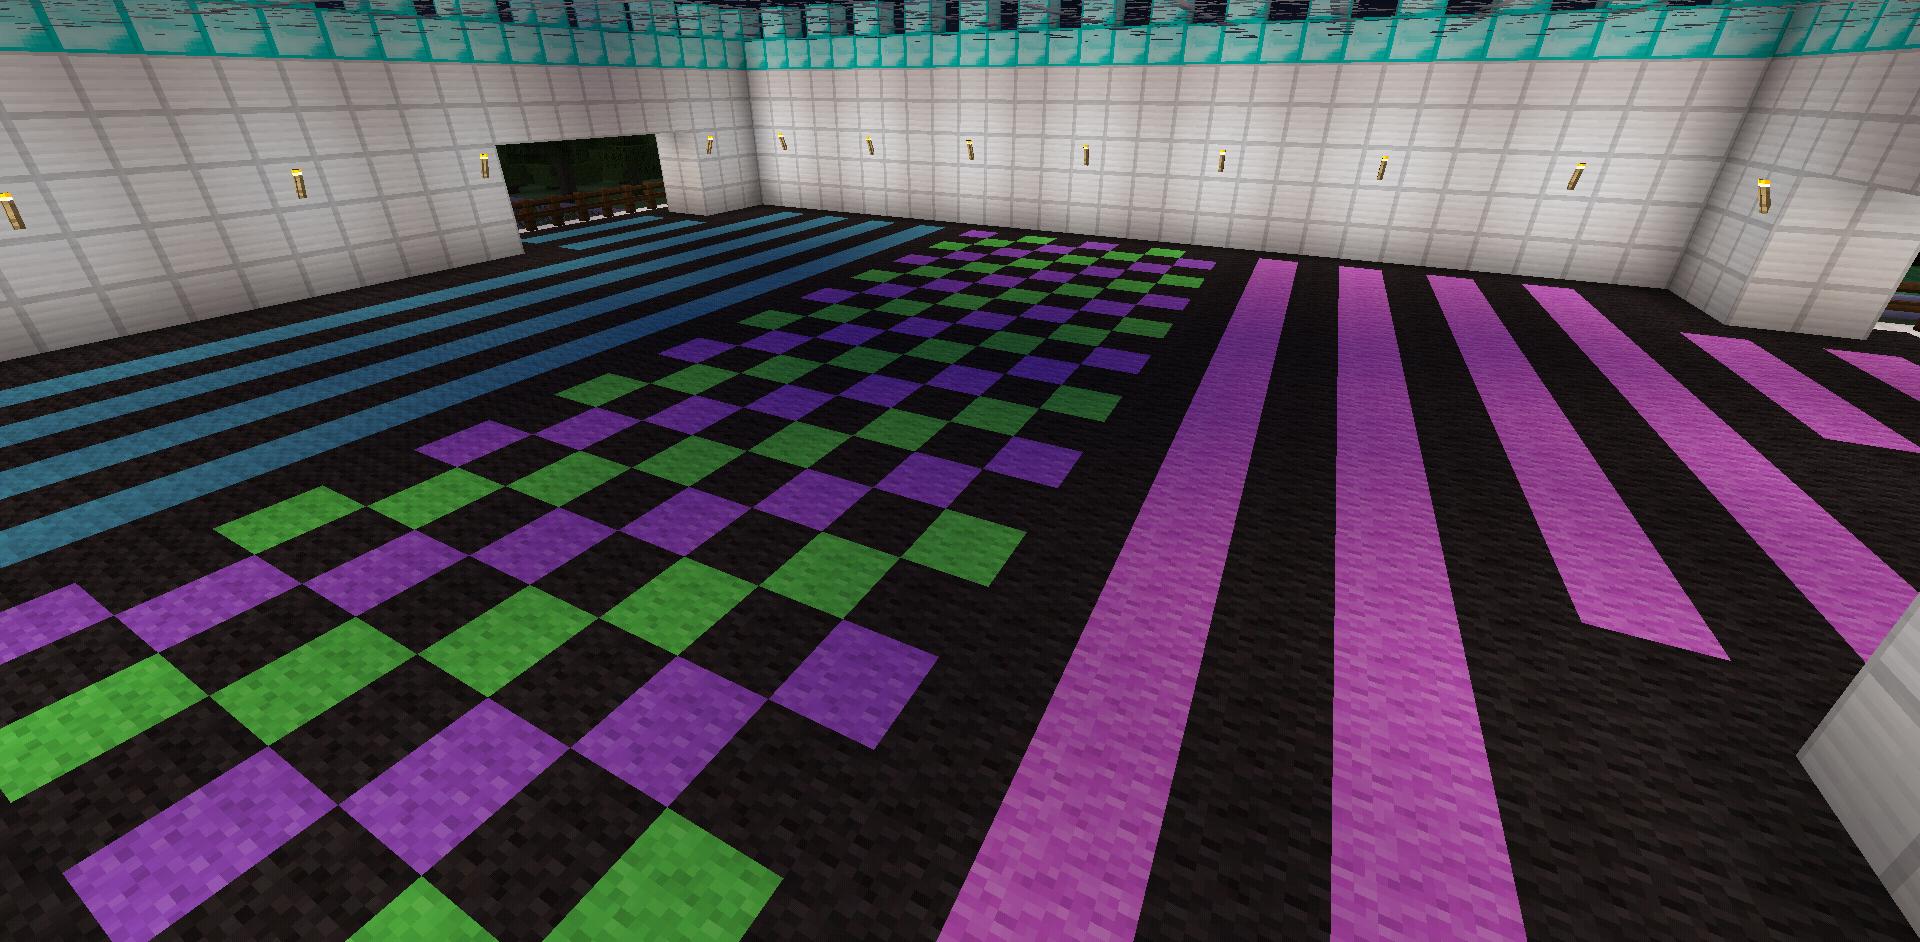 Minecraft Colorful Rainbow Carpet Designs Carpet Design